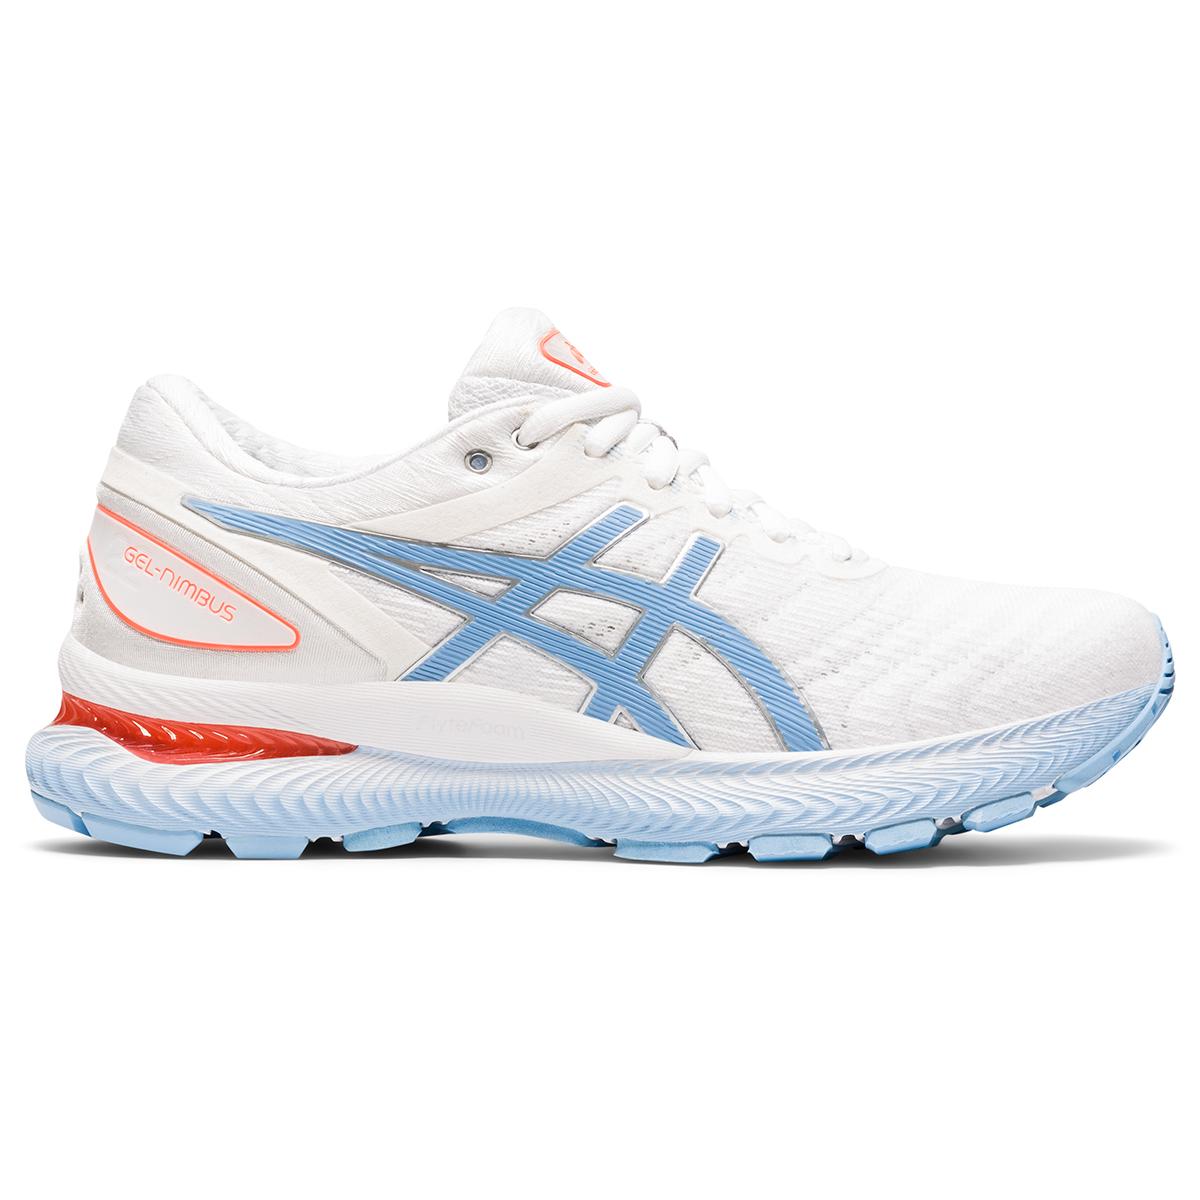 Women's Asics Gel-Nimbus 22 Running Shoe - Color: White/Blue Bliss - Size: 5 - Width: Regular, White/Blue Bliss, large, image 1